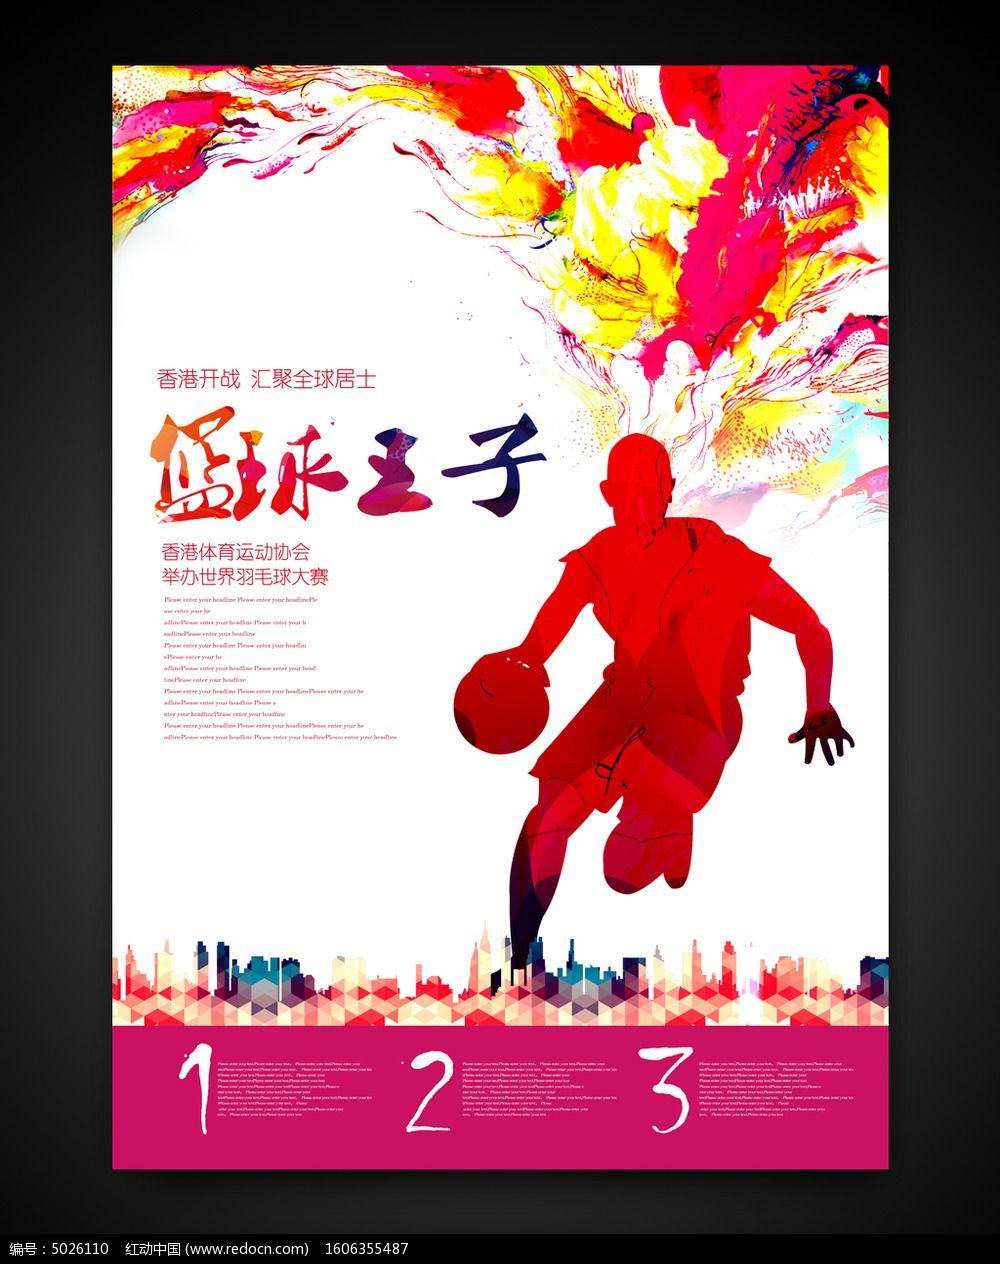 炫彩时尚篮球王子比赛宣传海报psd素材下载